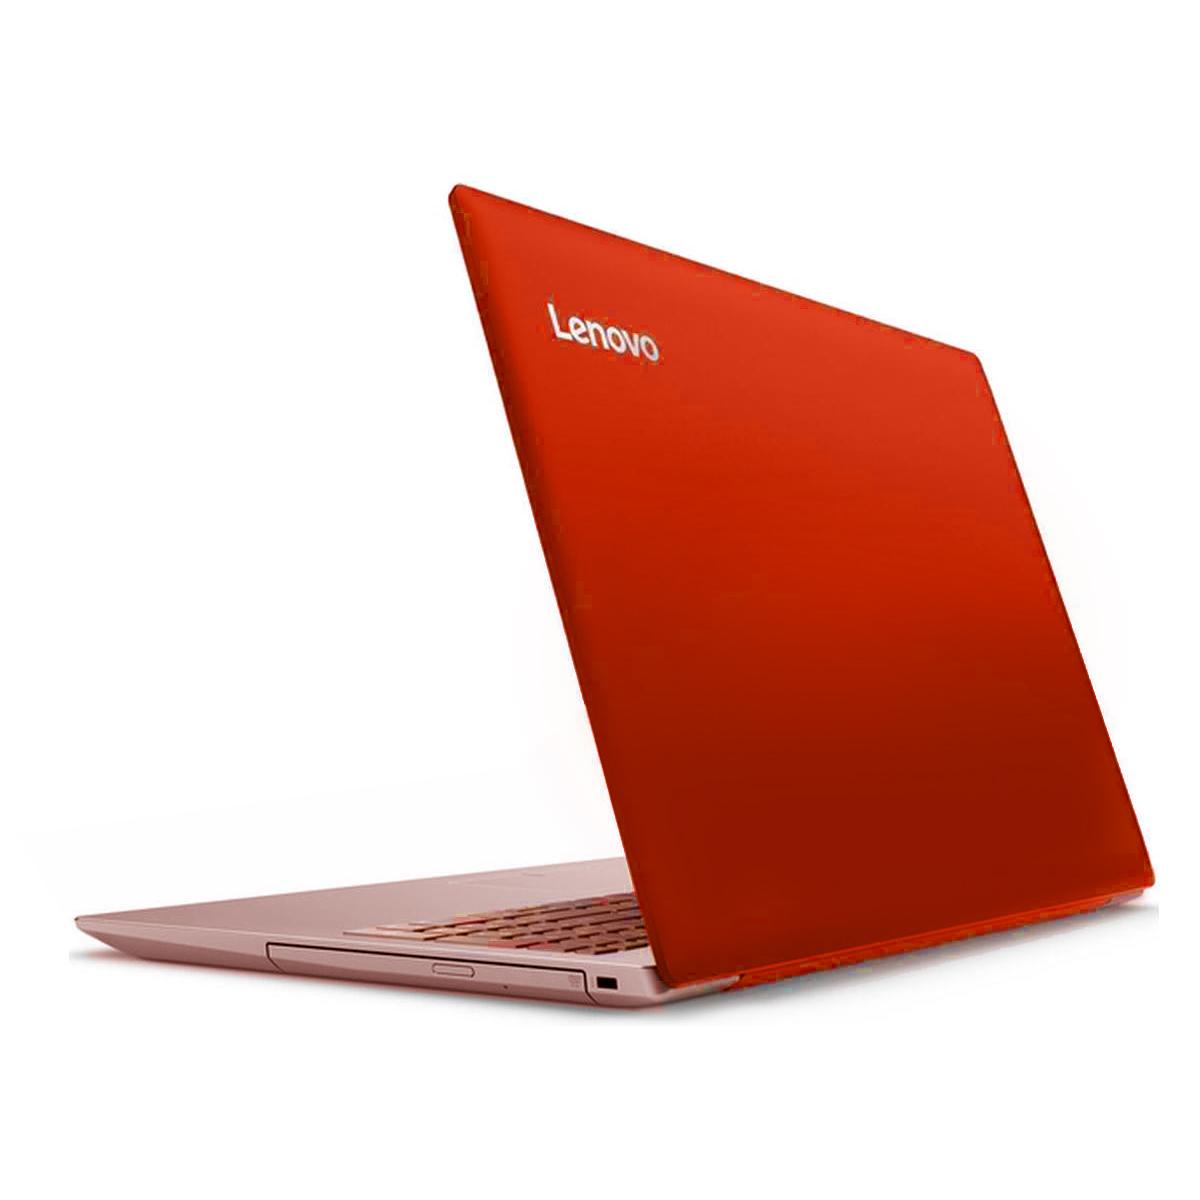 Lenovo Ideapad 330 Intel i3